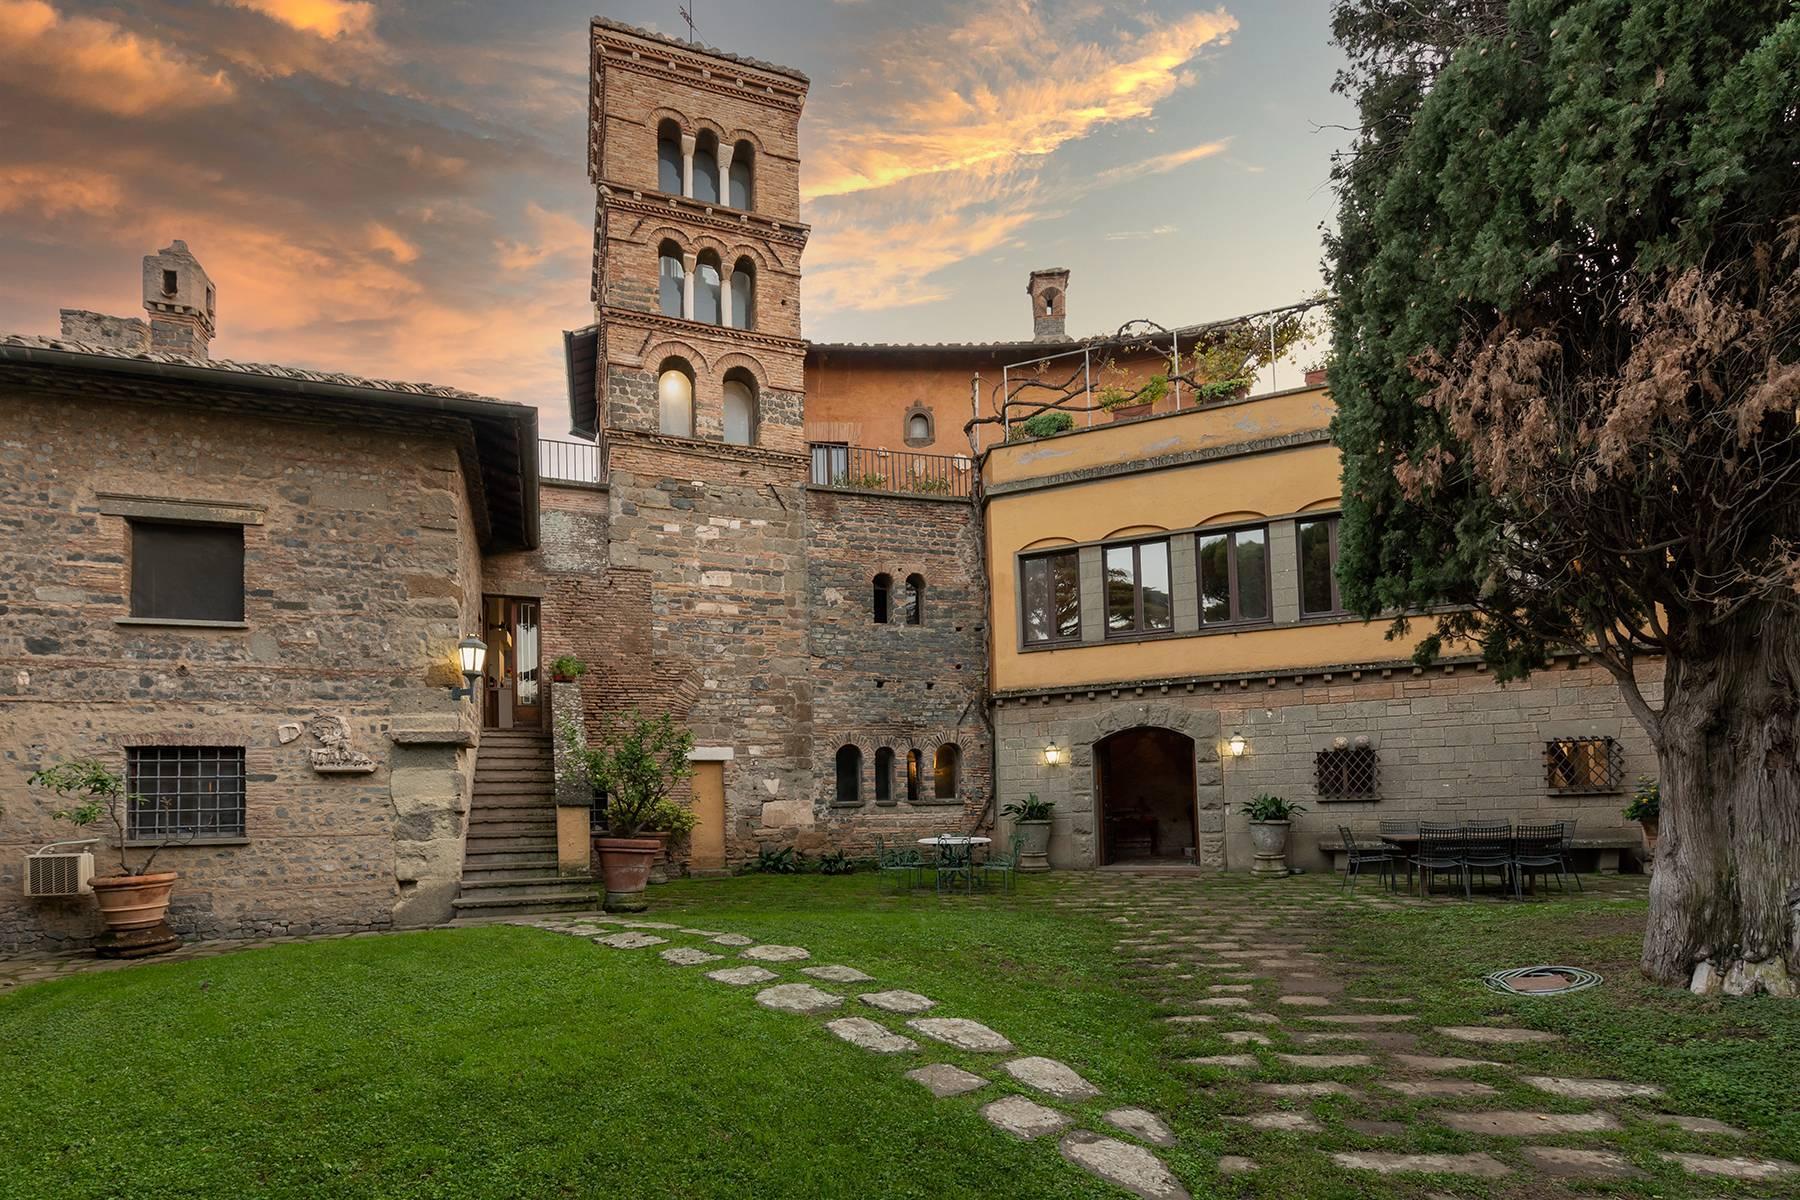 Kloster aus dem dreizehnten Jahrhunderts in der Nähe Roms - 3